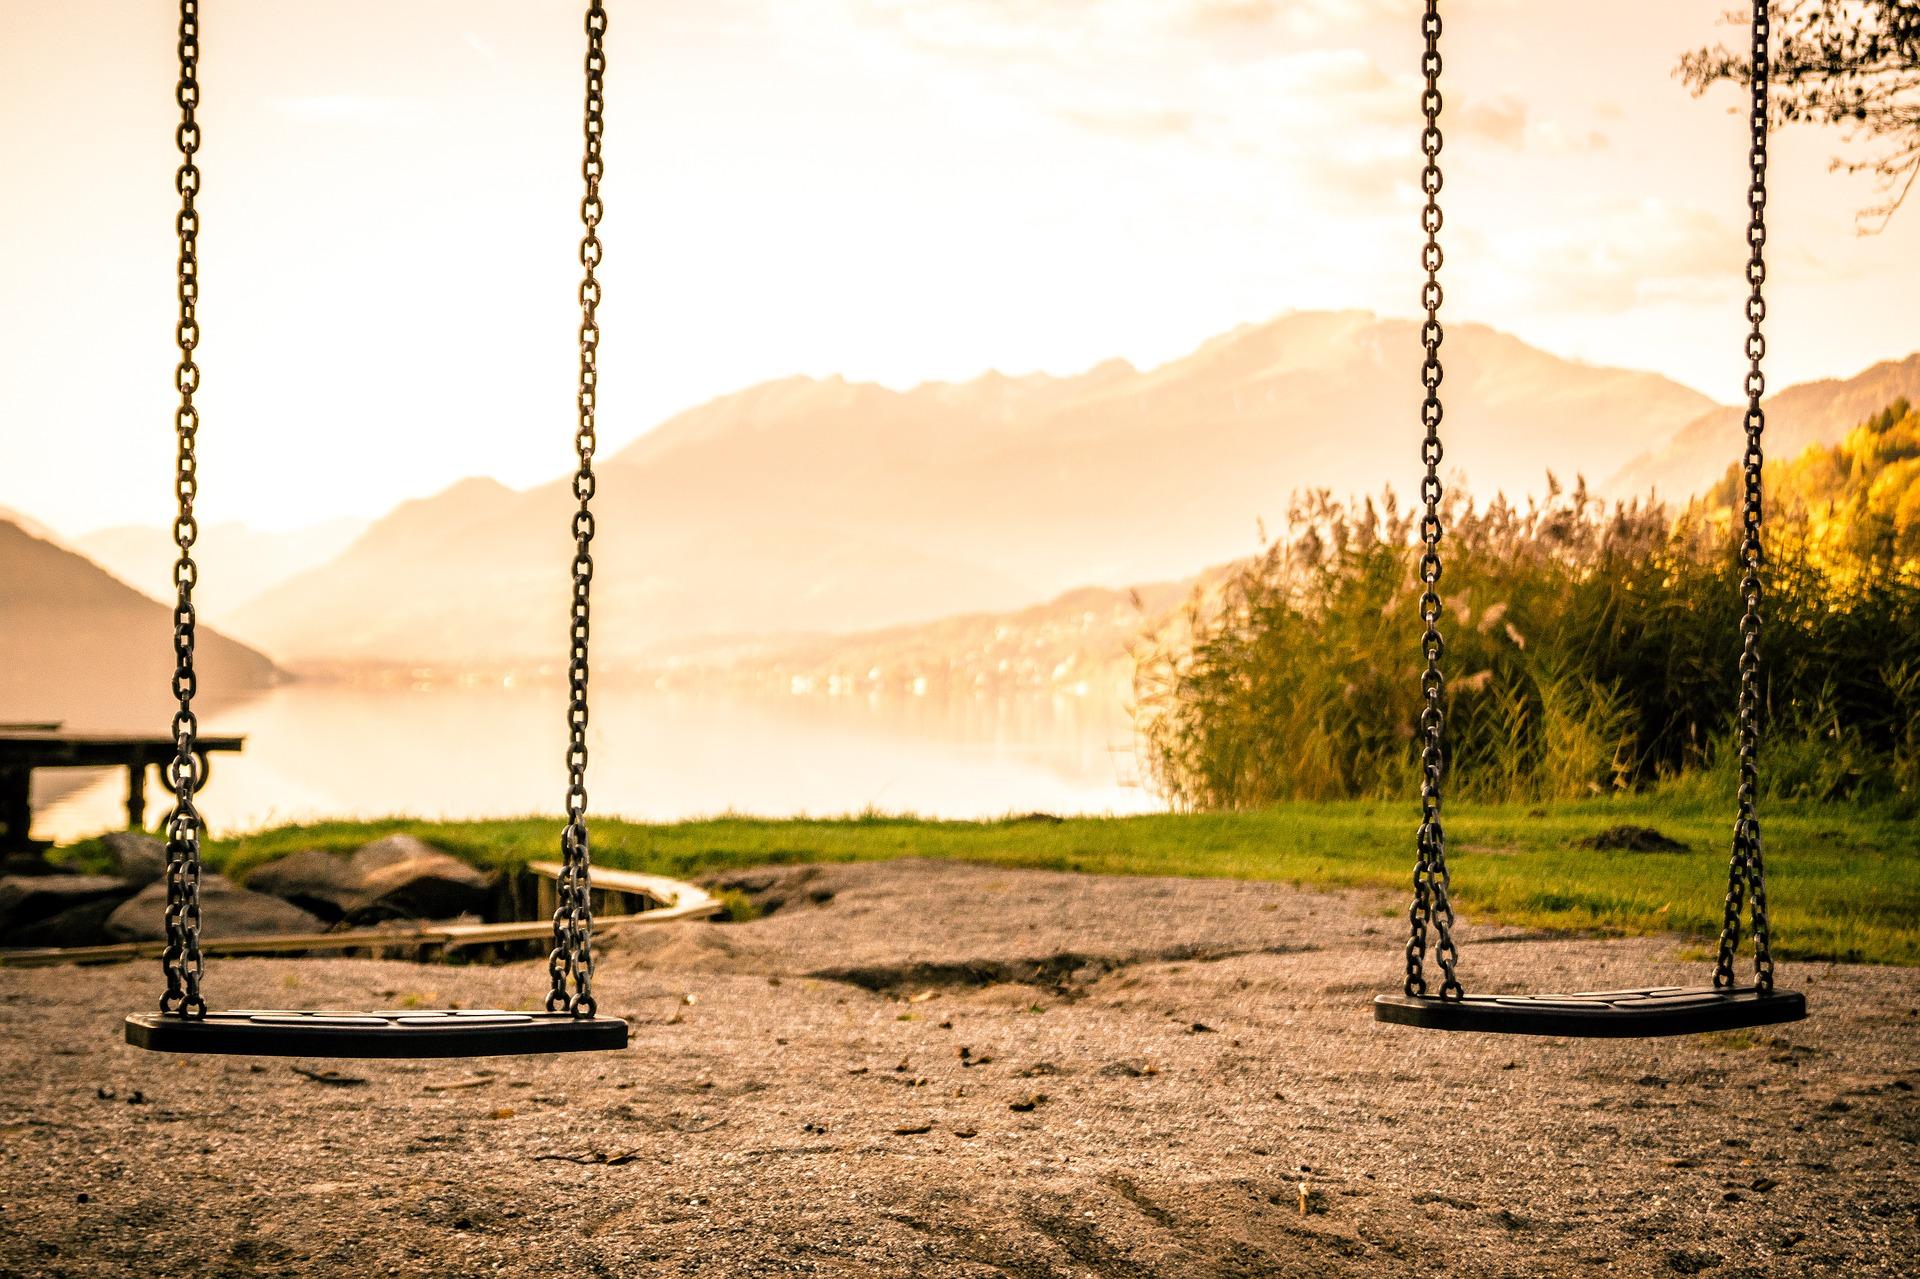 empty swings outside